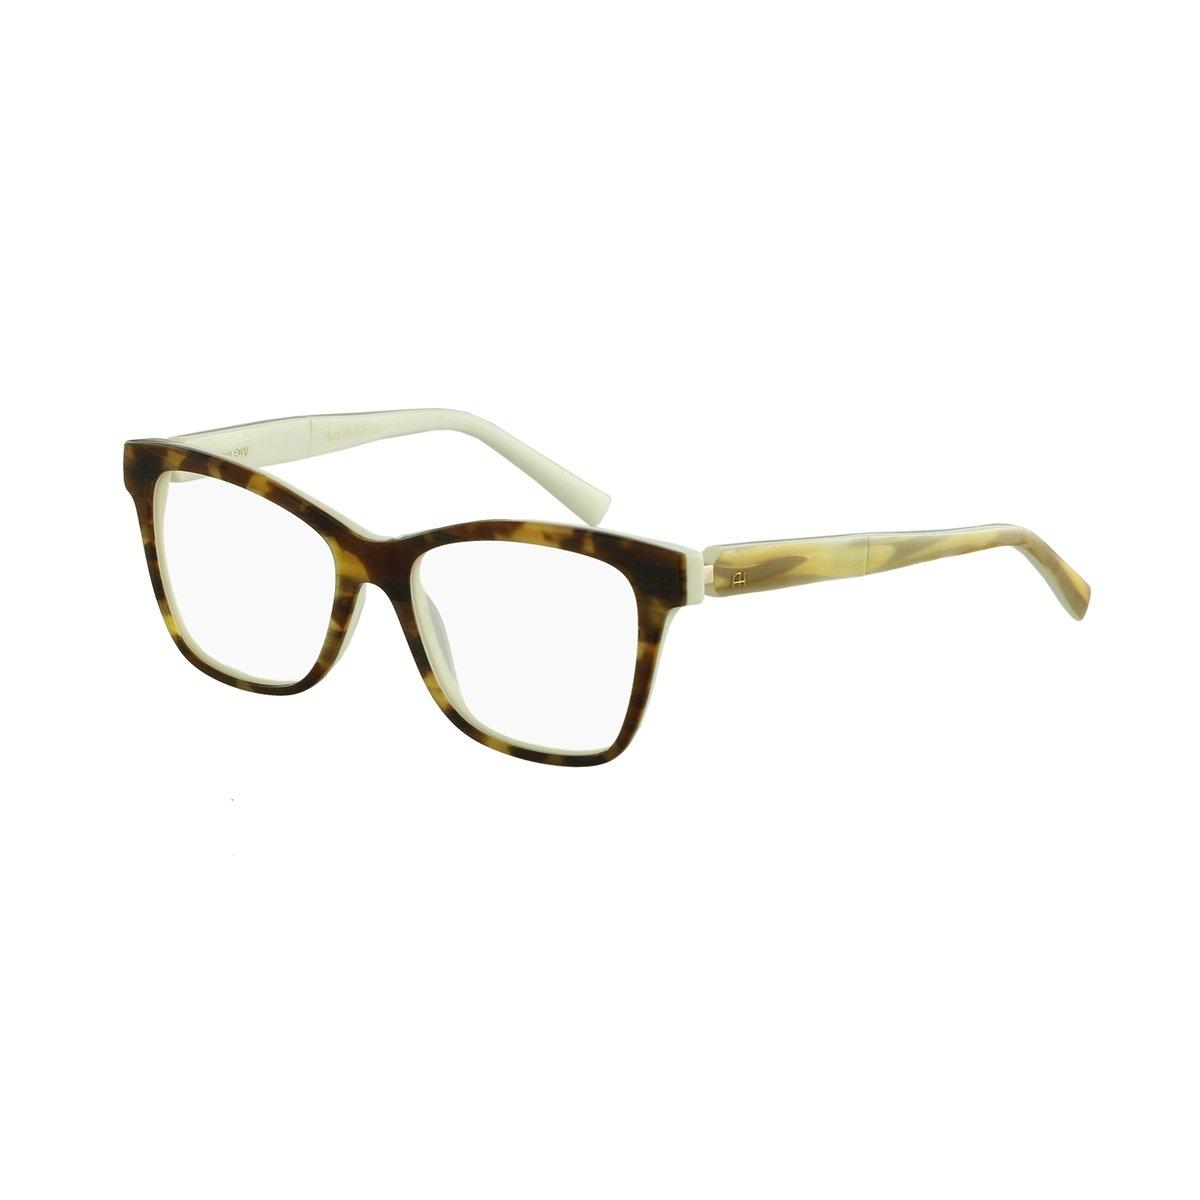 Óculos De Grau Ana Hickmann - Marrom - Compre Agora   Netshoes 1e292f1462